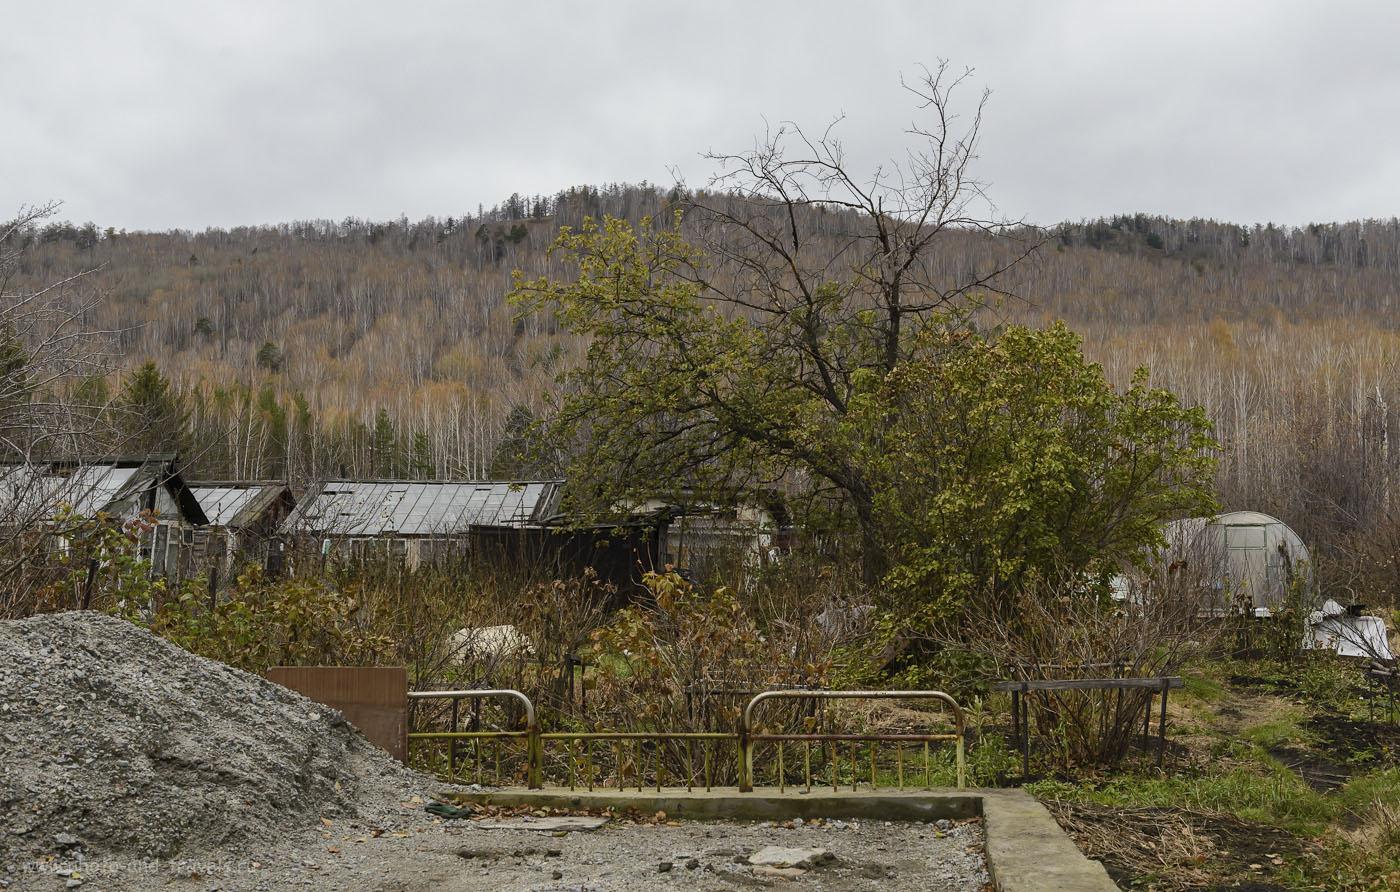 Фотография 27. Сады в окрестностях Вишневогорска. 1/60, -1.0, 8.0, 640, 40.